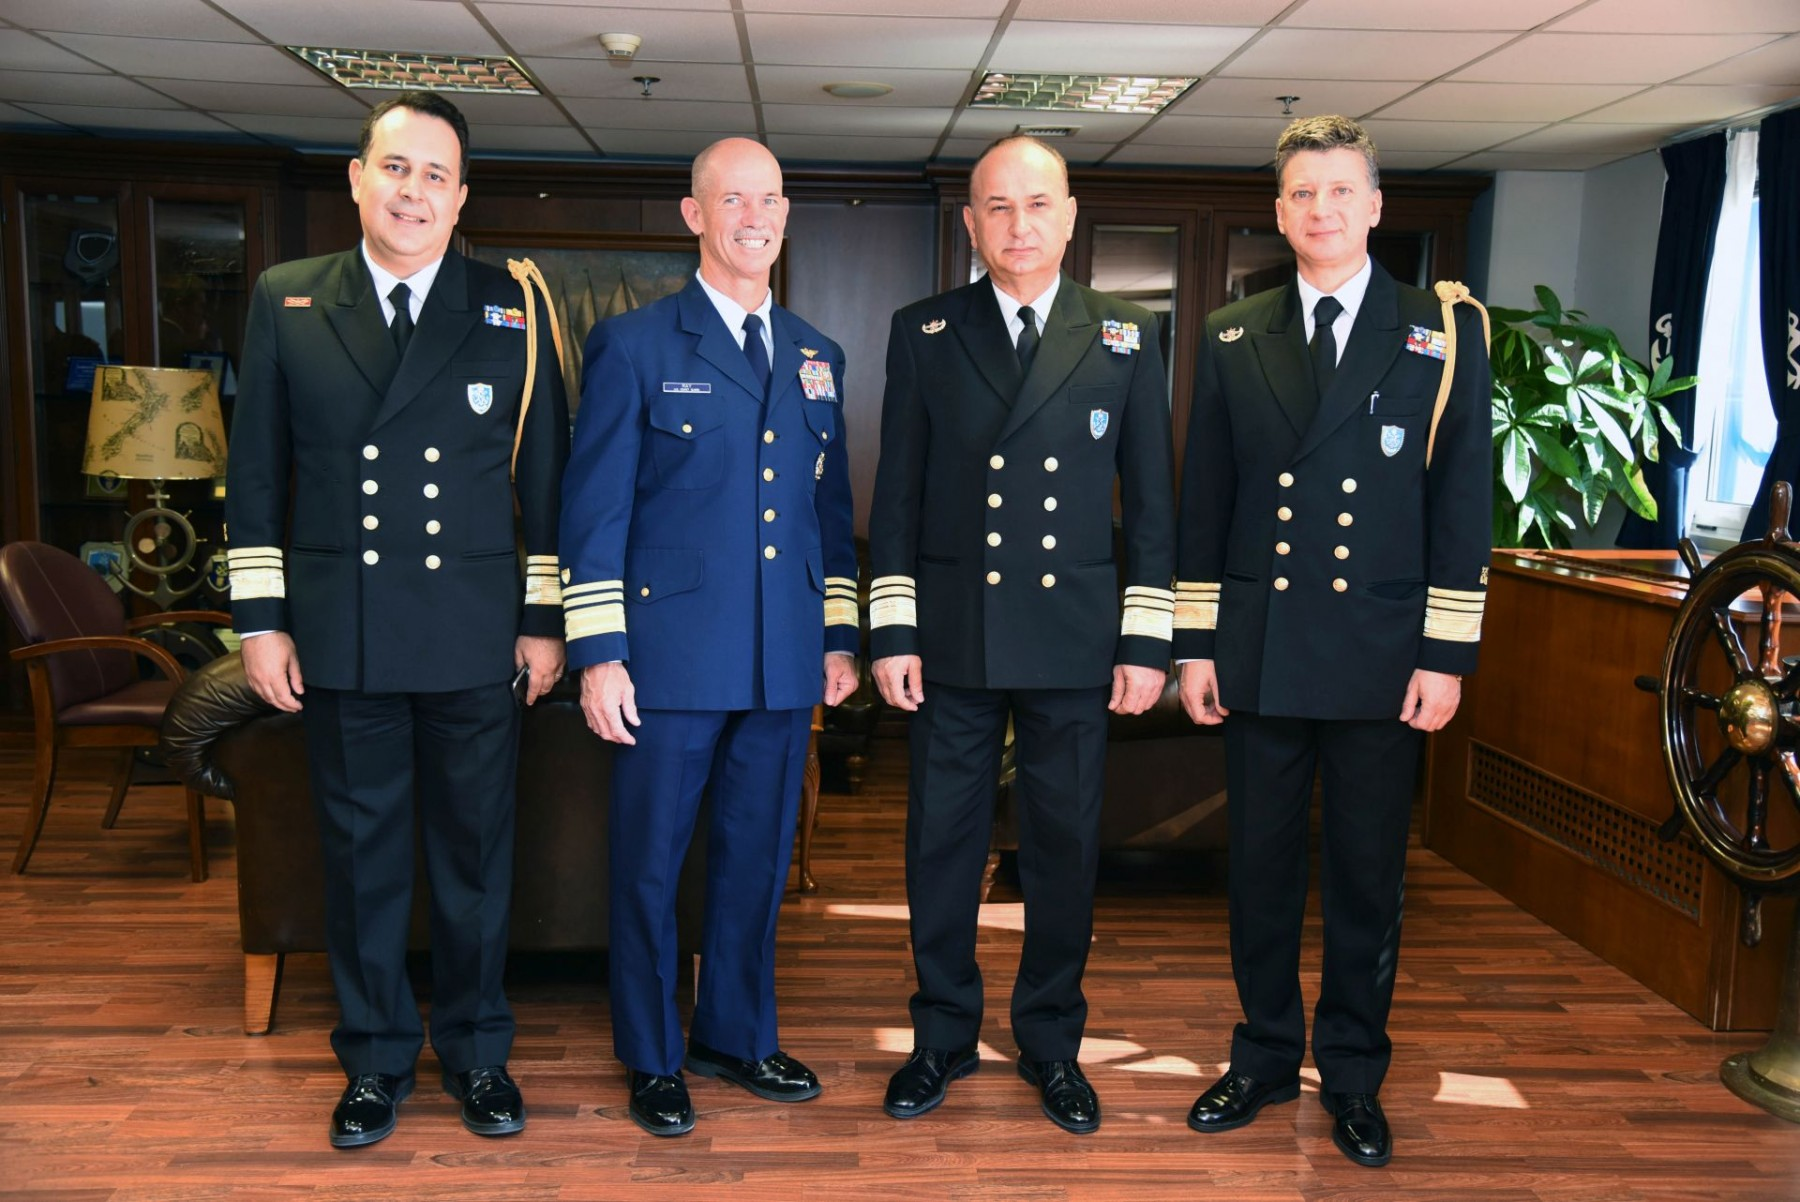 Επίσκεψη του Υπαρχηγού Επιχειρήσεων της Ακτοφυλακής των Η.Π.Α. στο Αρχηγείο Λ.Σ.